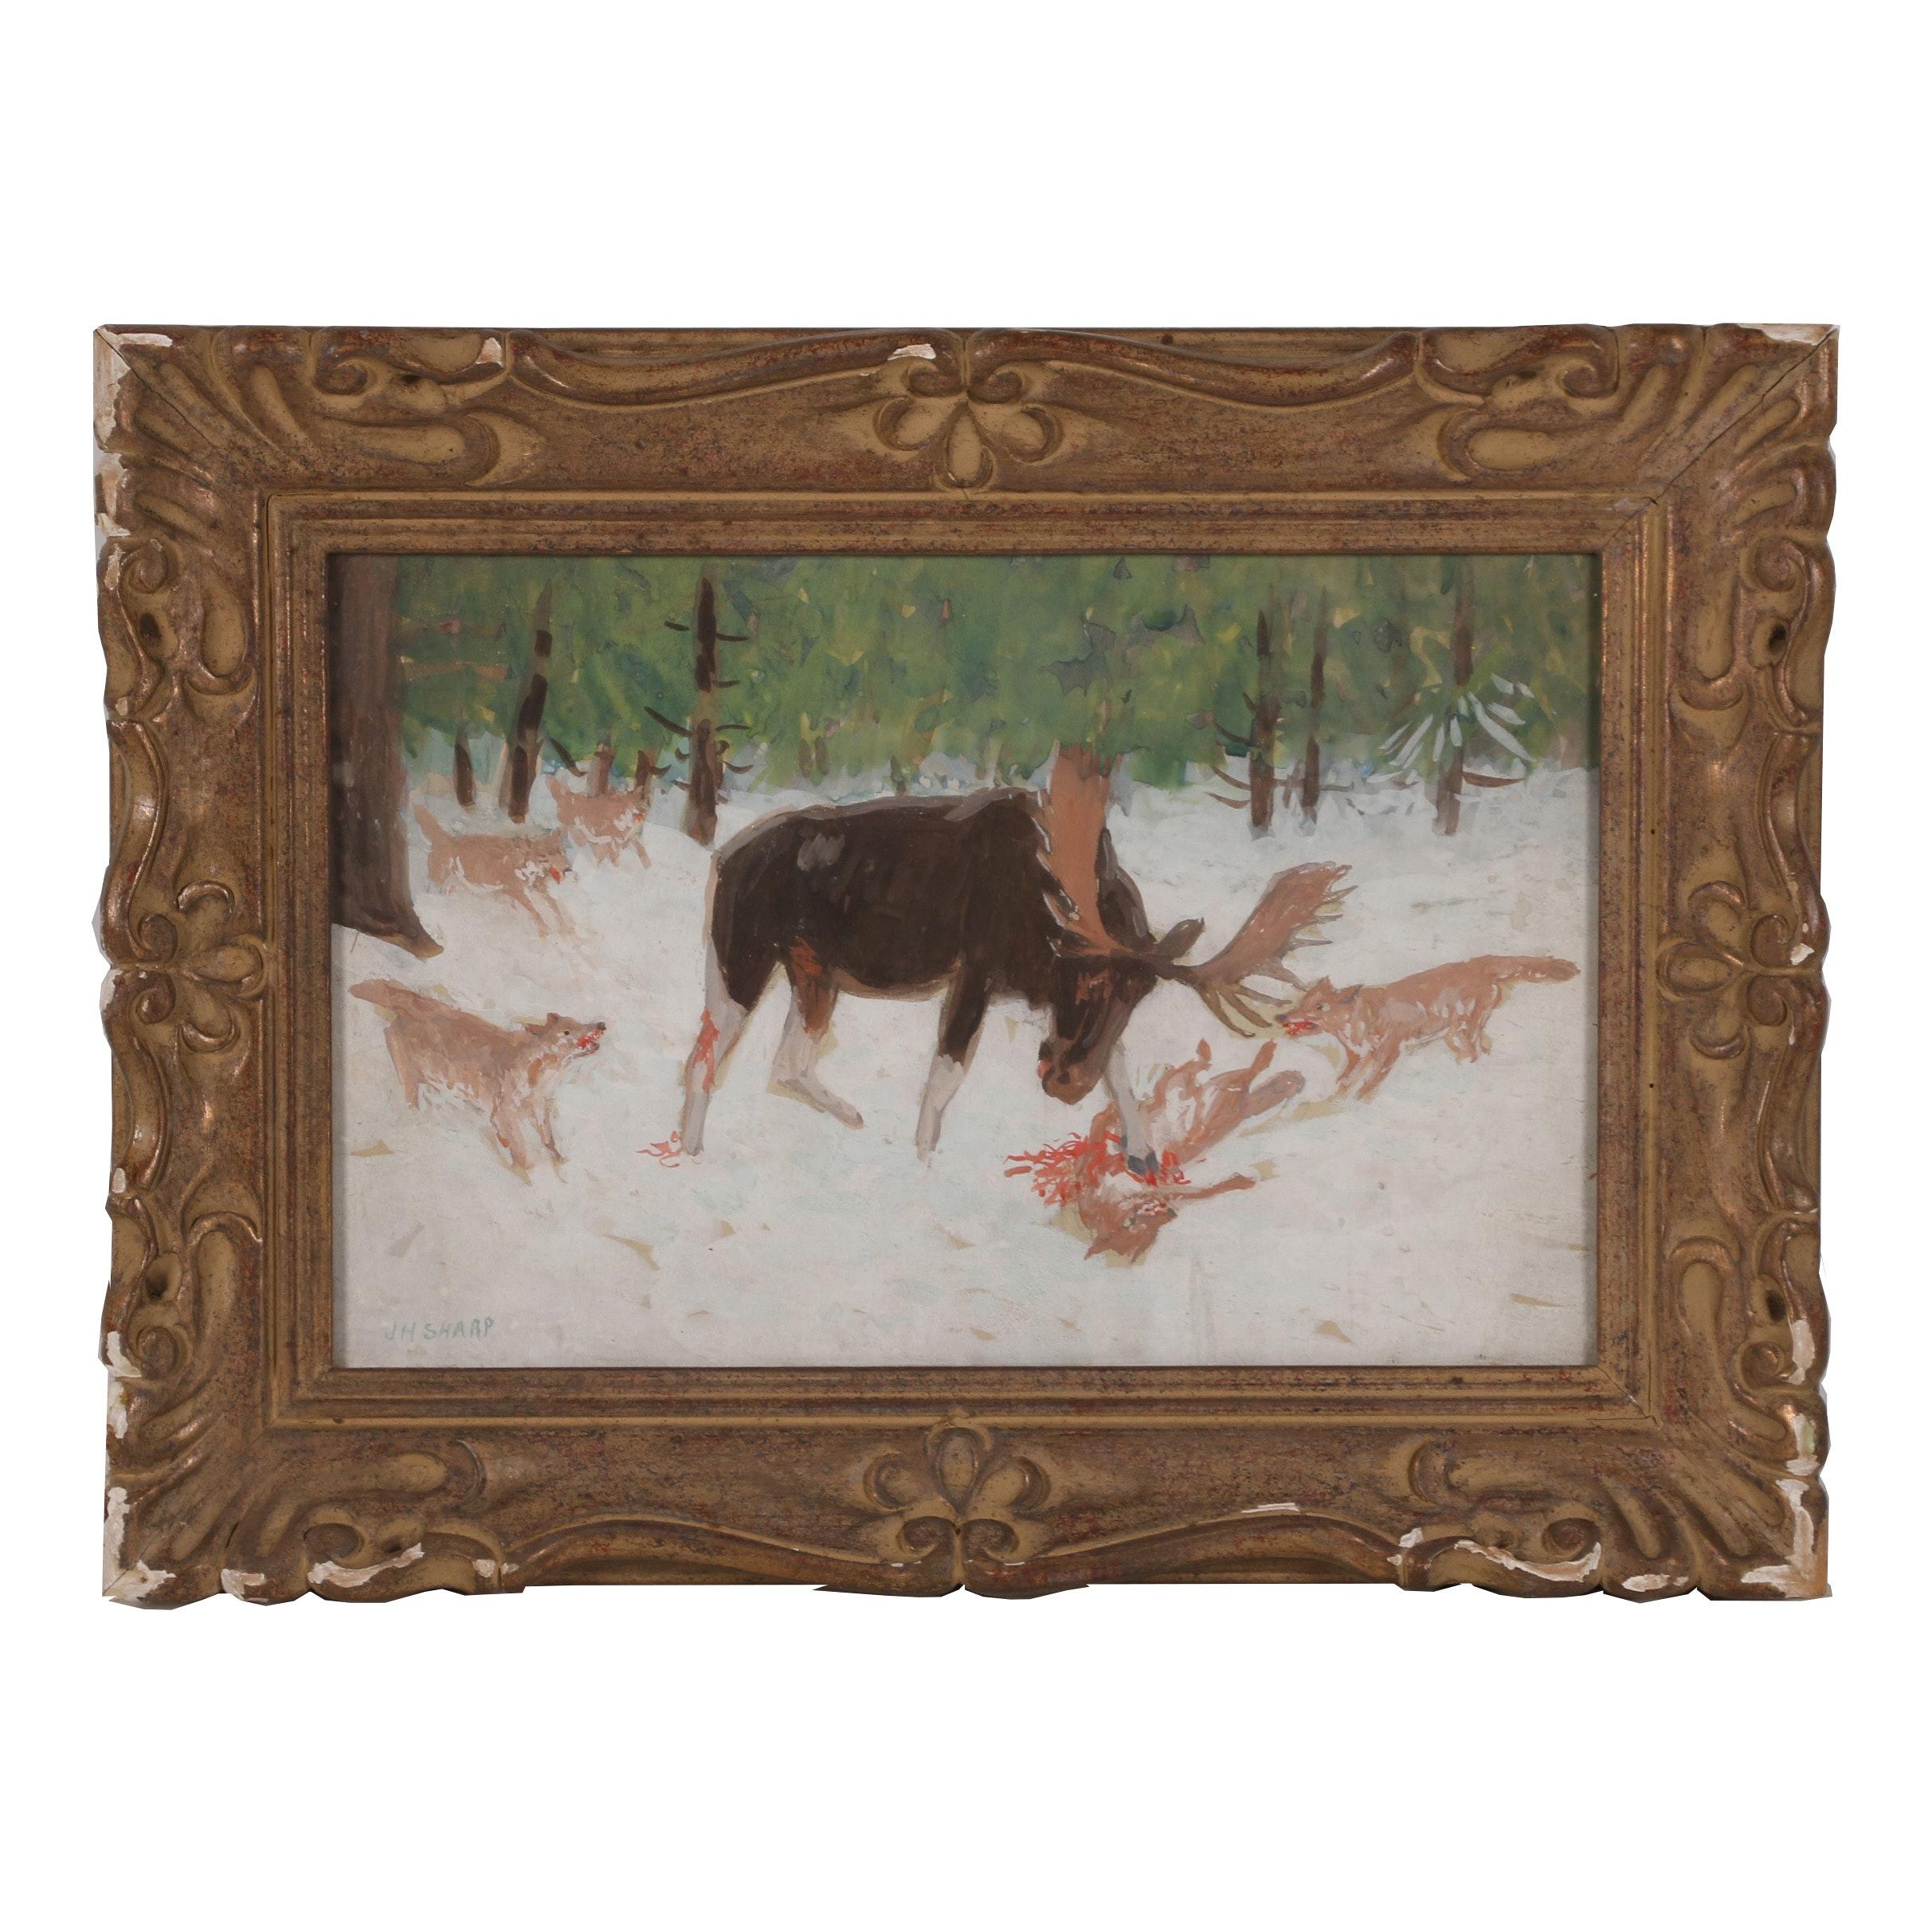 Gouache Painting in the Manner of Joseph Henry Sharp